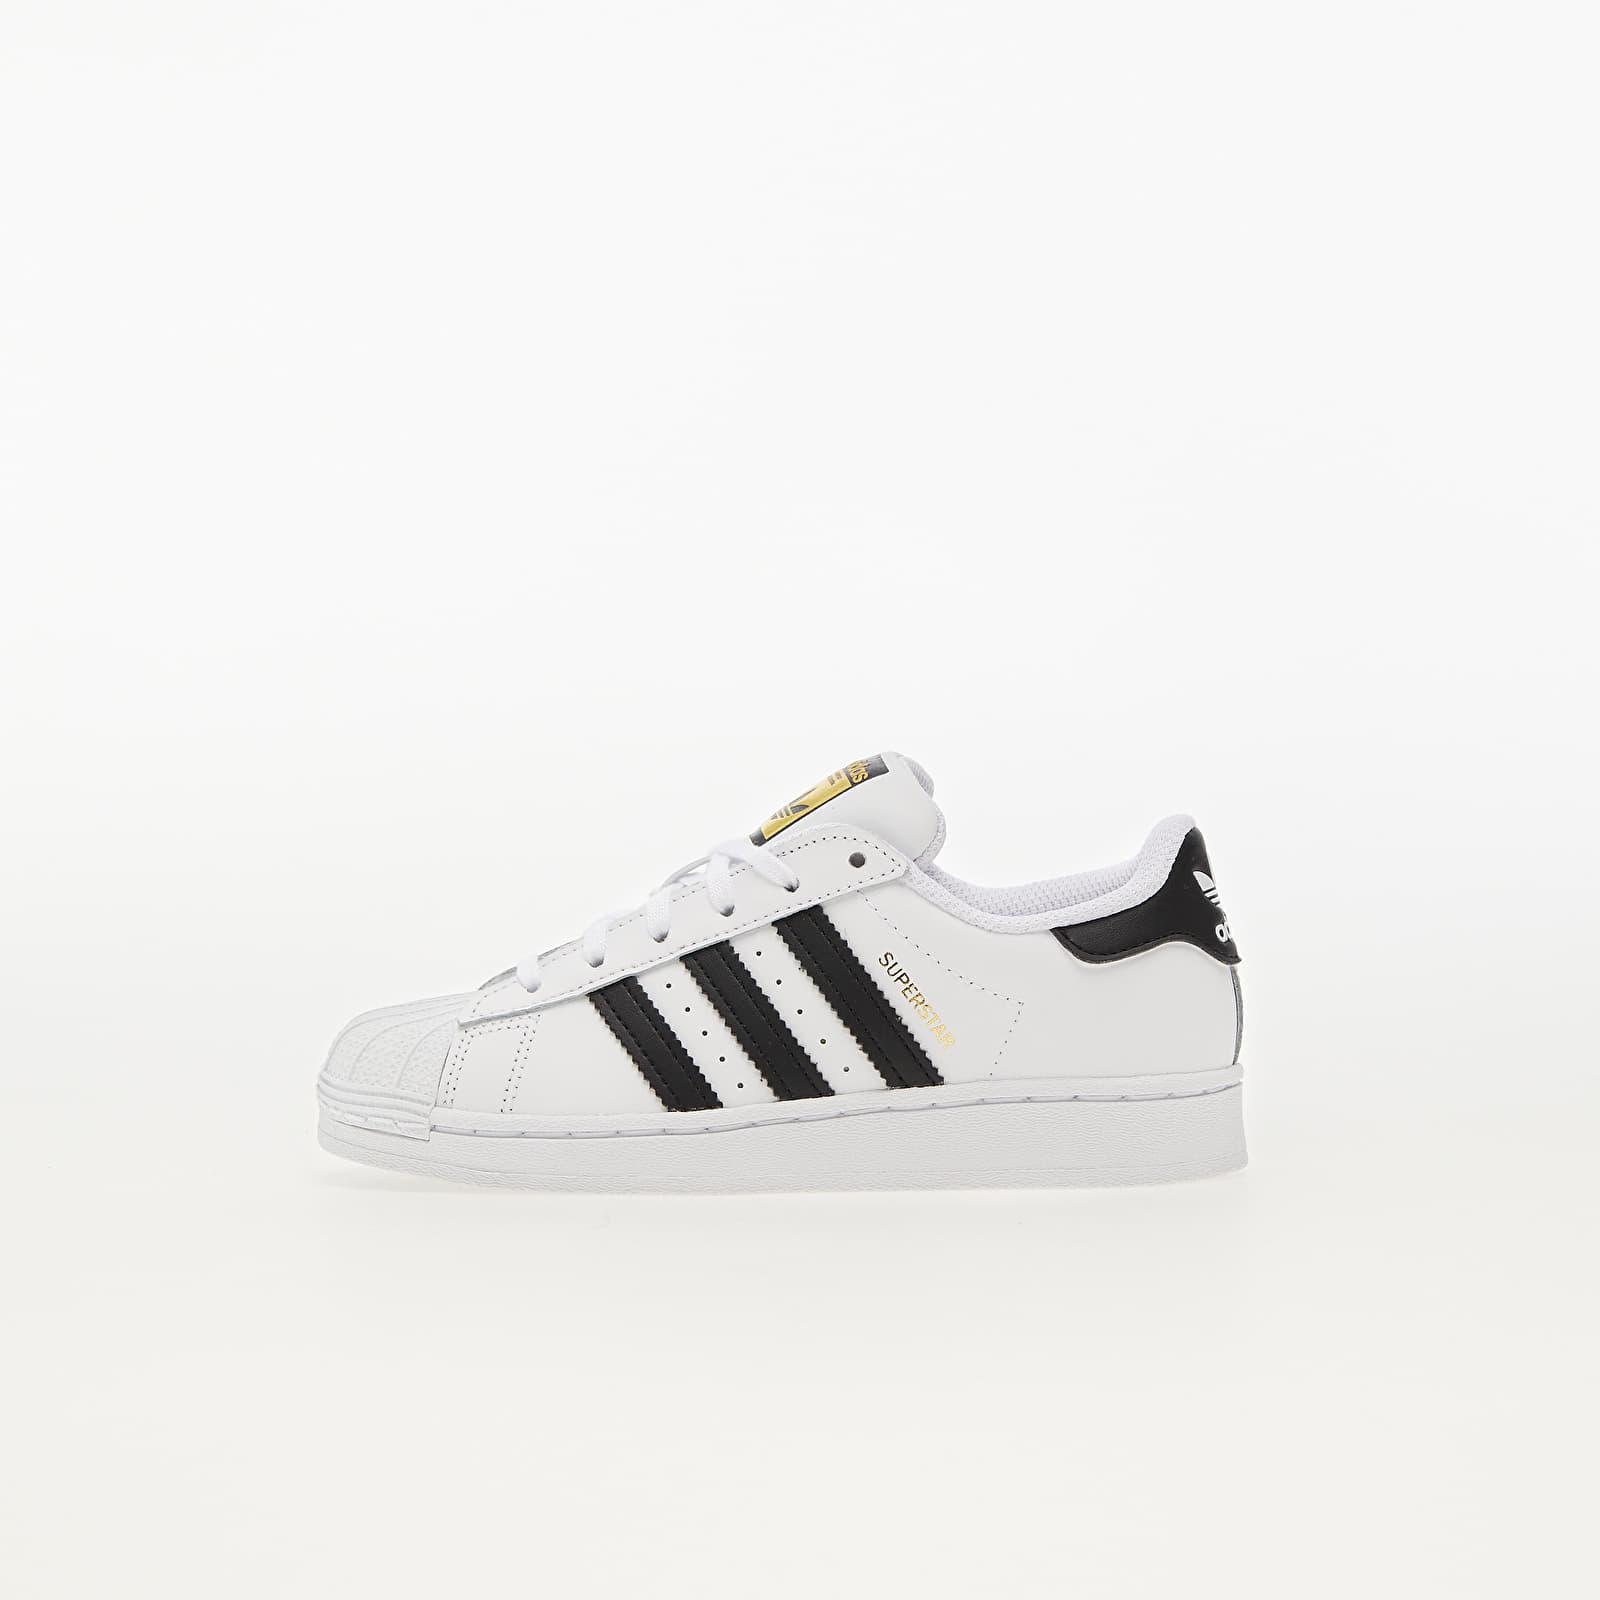 adidas Superstar C Ftwr White/ Core Black/ Ftwr White EUR 33